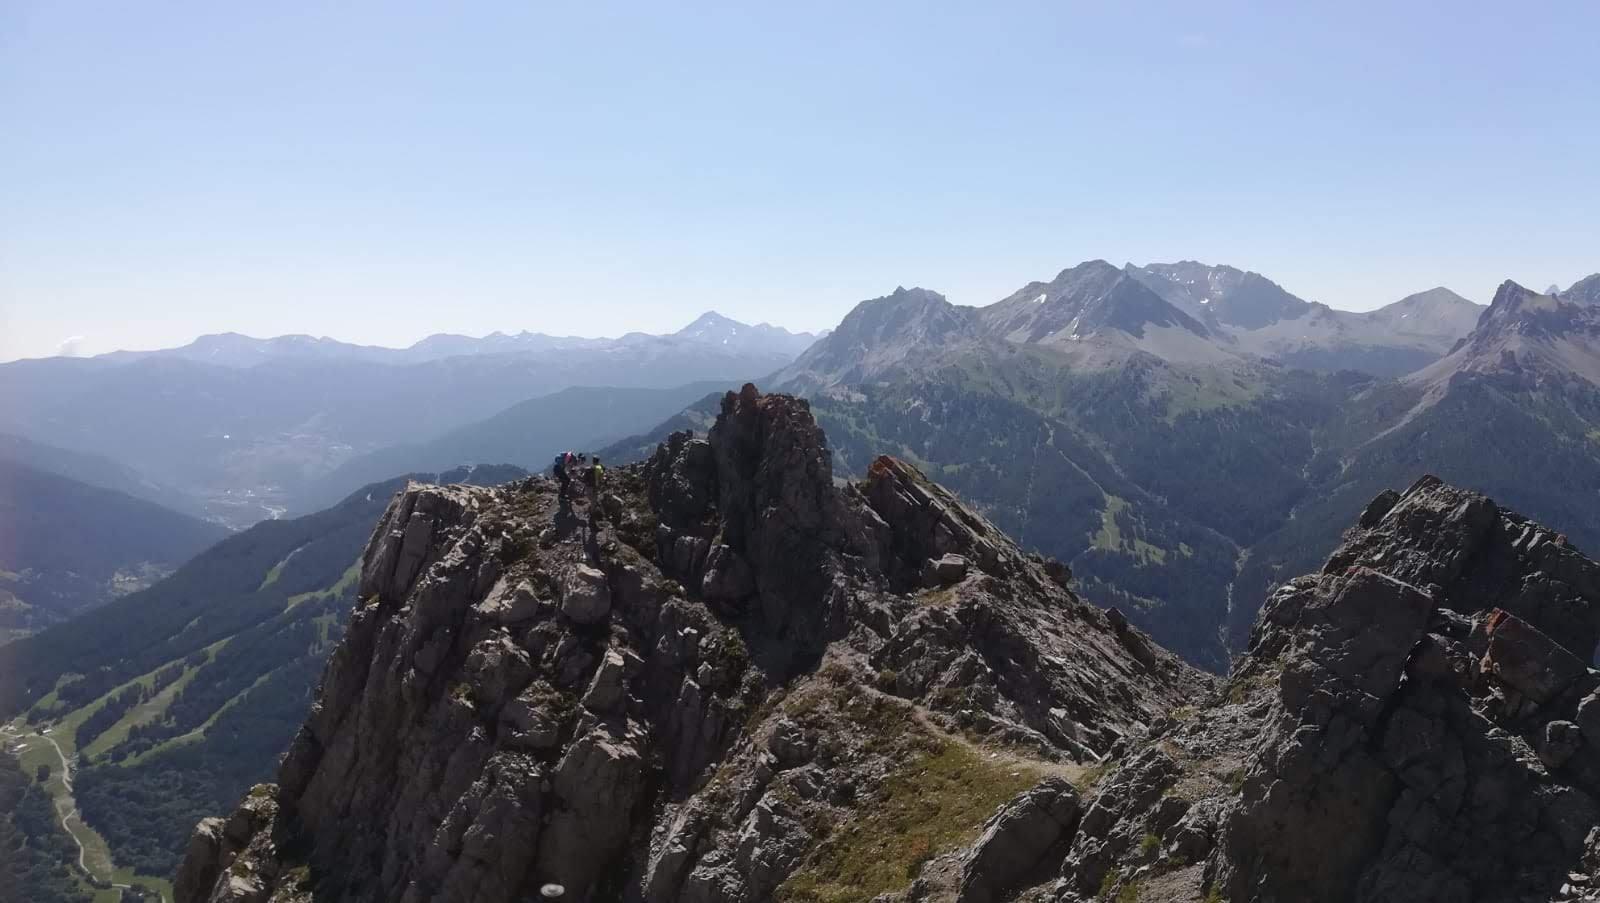 la parte iniziale del sentiero in cresta dove è più esposto